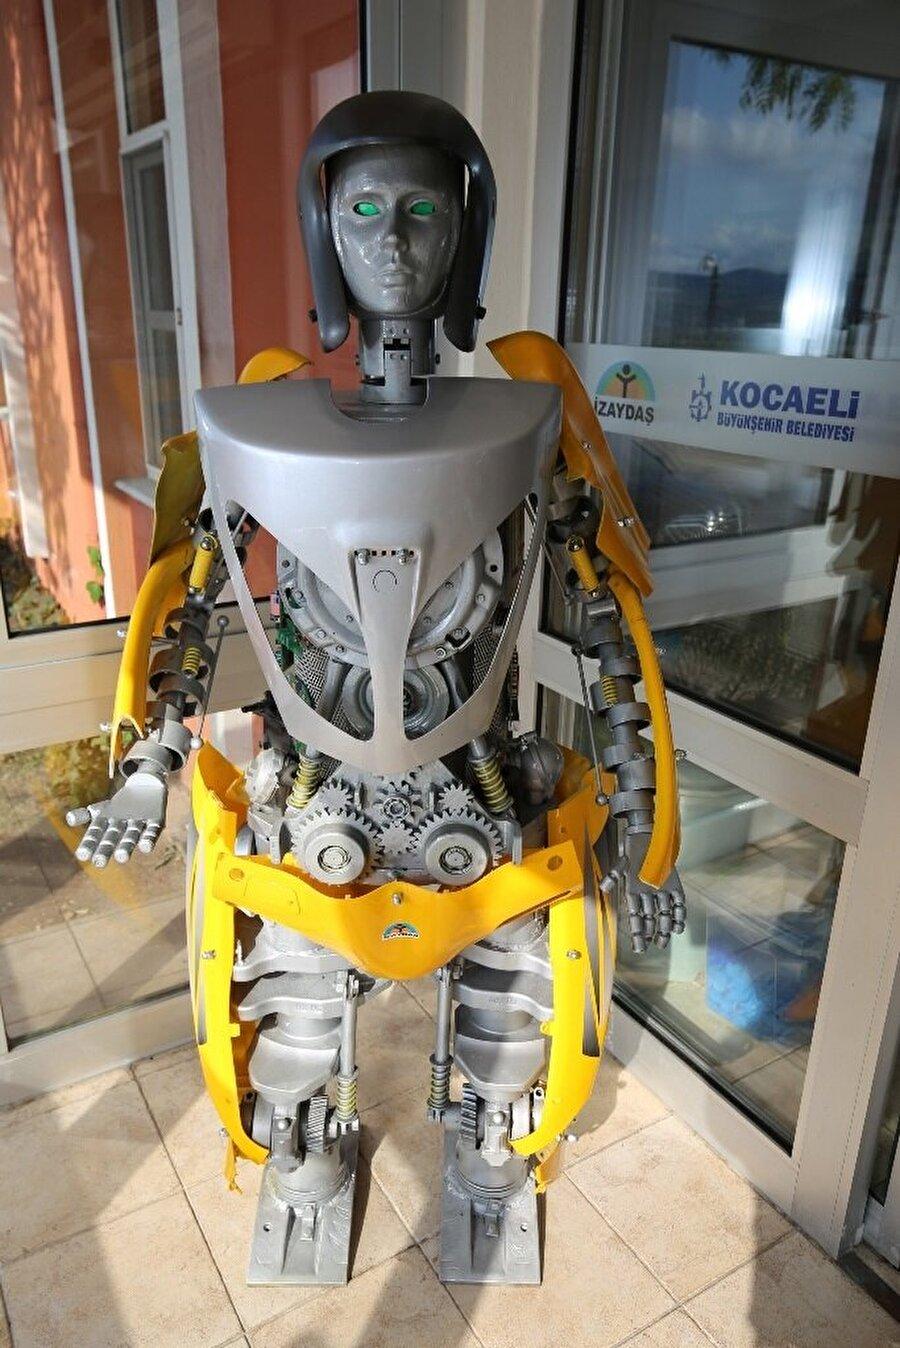 Robotun görüntüsü ve renk seçenekleri de öğrenciler tarafından beğeniyle karşılandı.